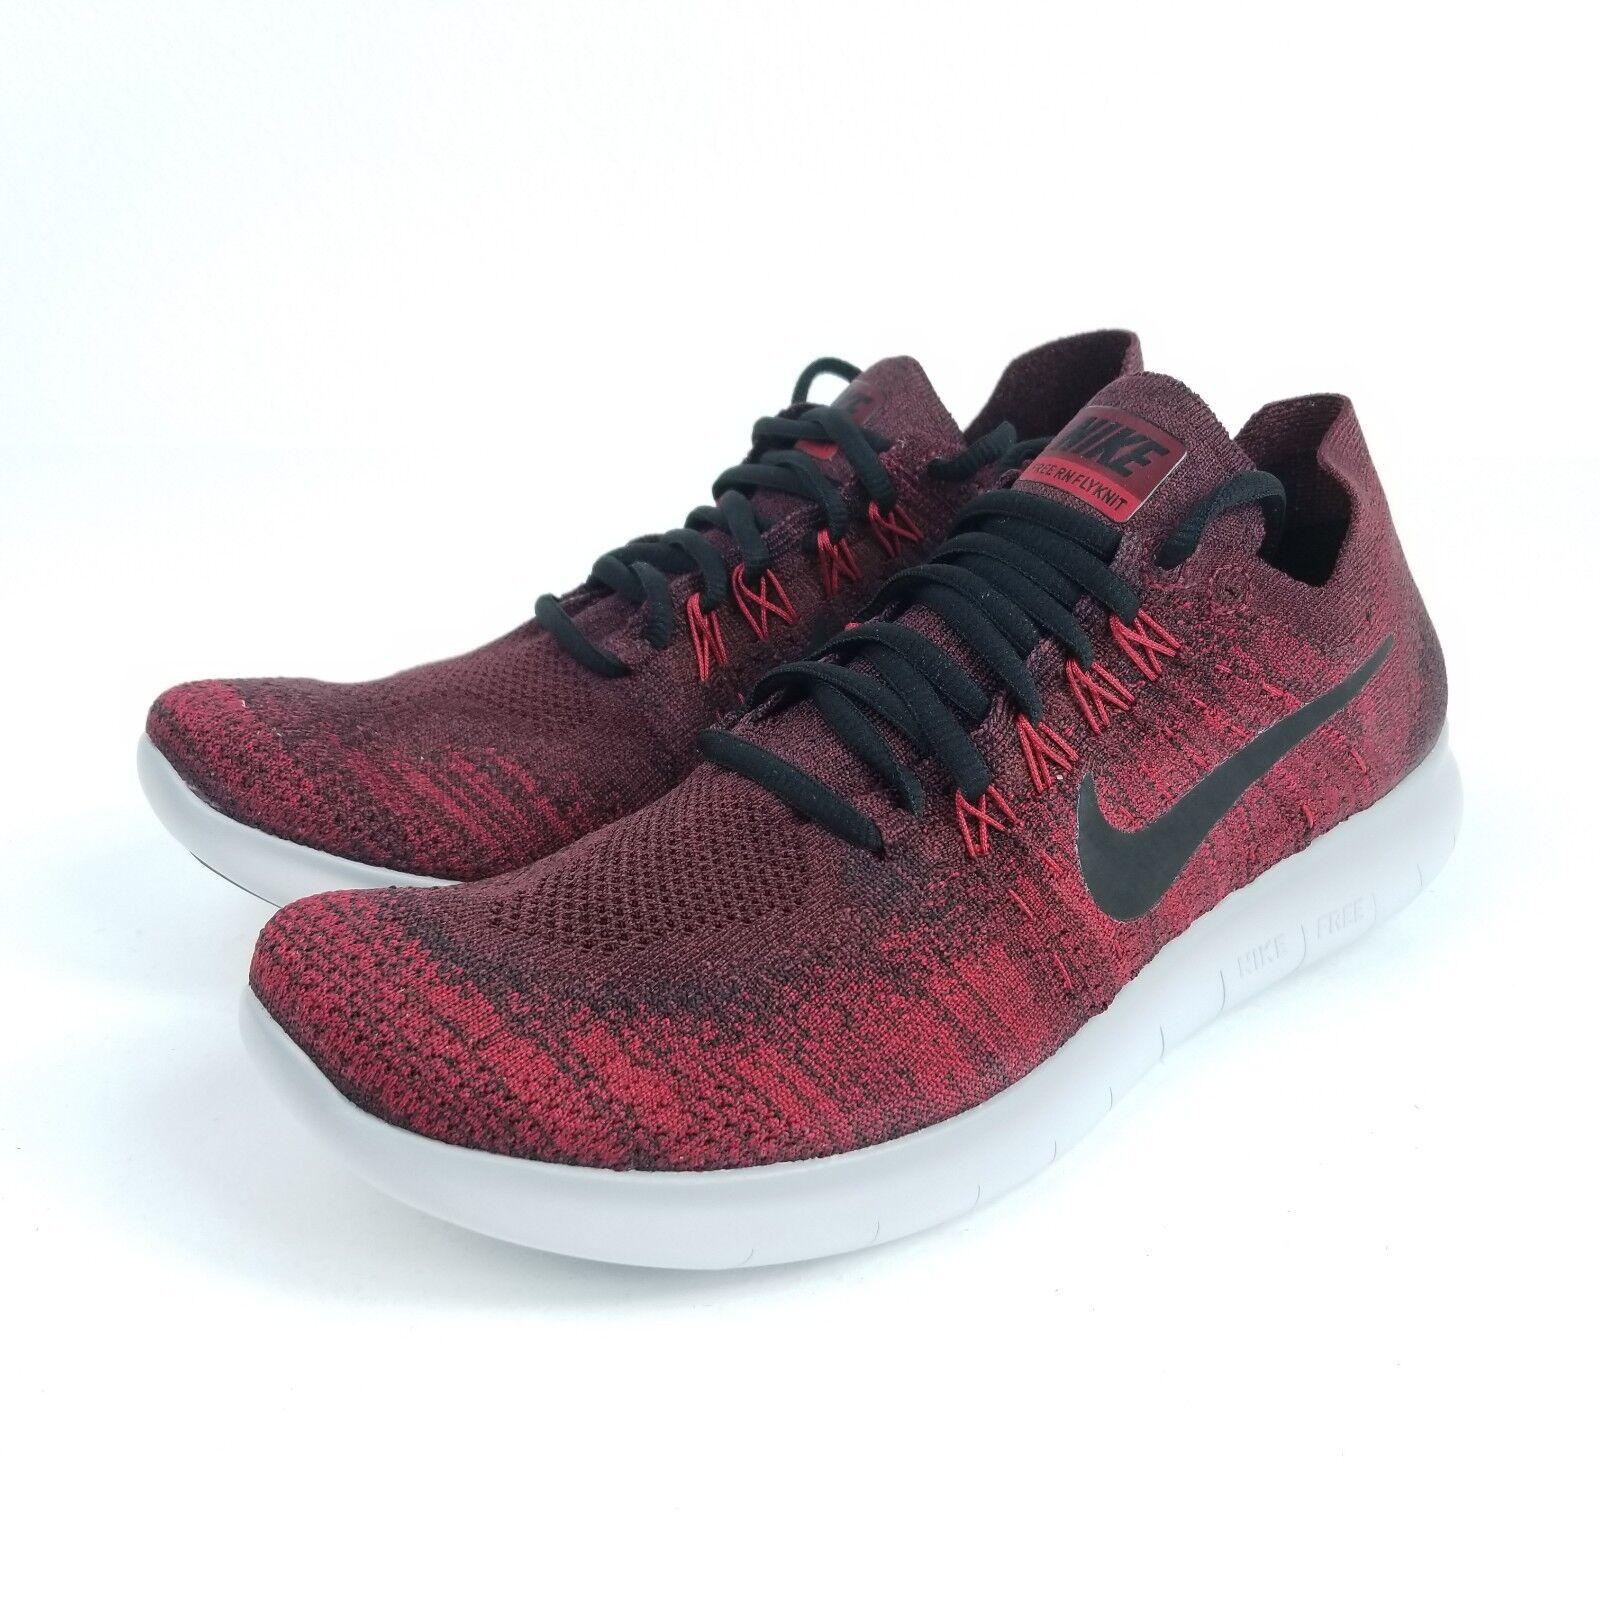 Nike libera rn flyknit 2017 Uomo sz 10 scarpe scure 880843 squadra rosso - nero 880843 scure 606 a3c3bf